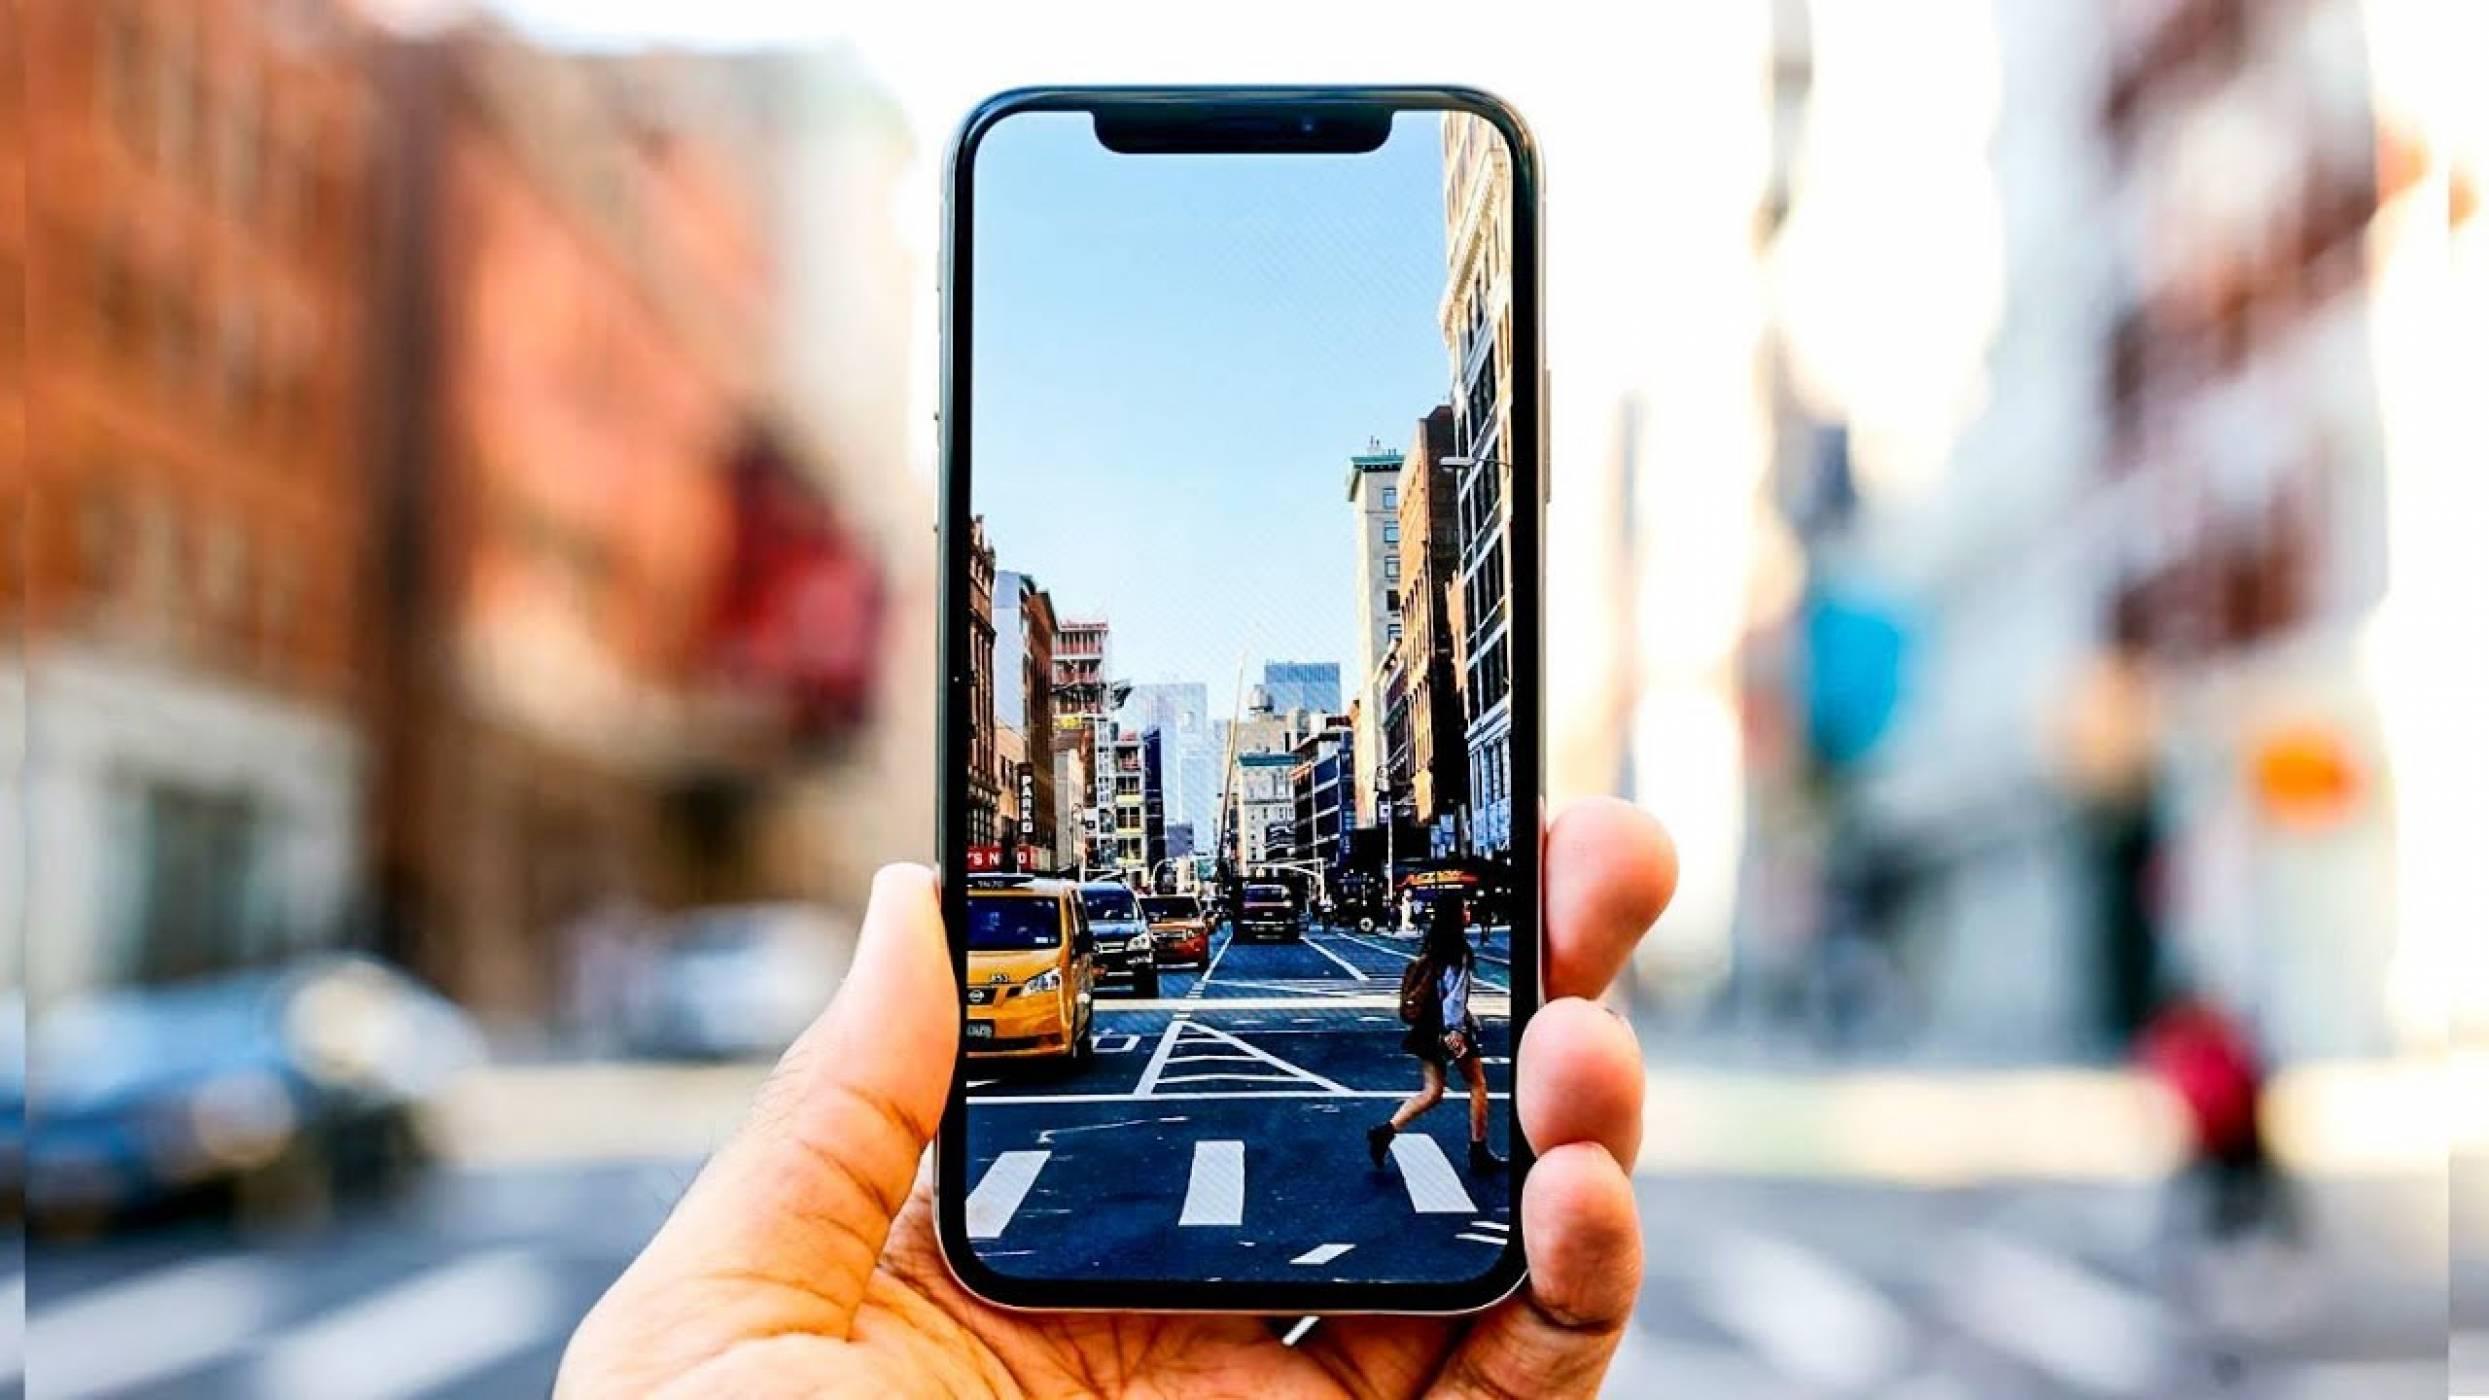 Впечатляващи снимки със смартфон? По-лесно е, отколкото предполагате (част 1)